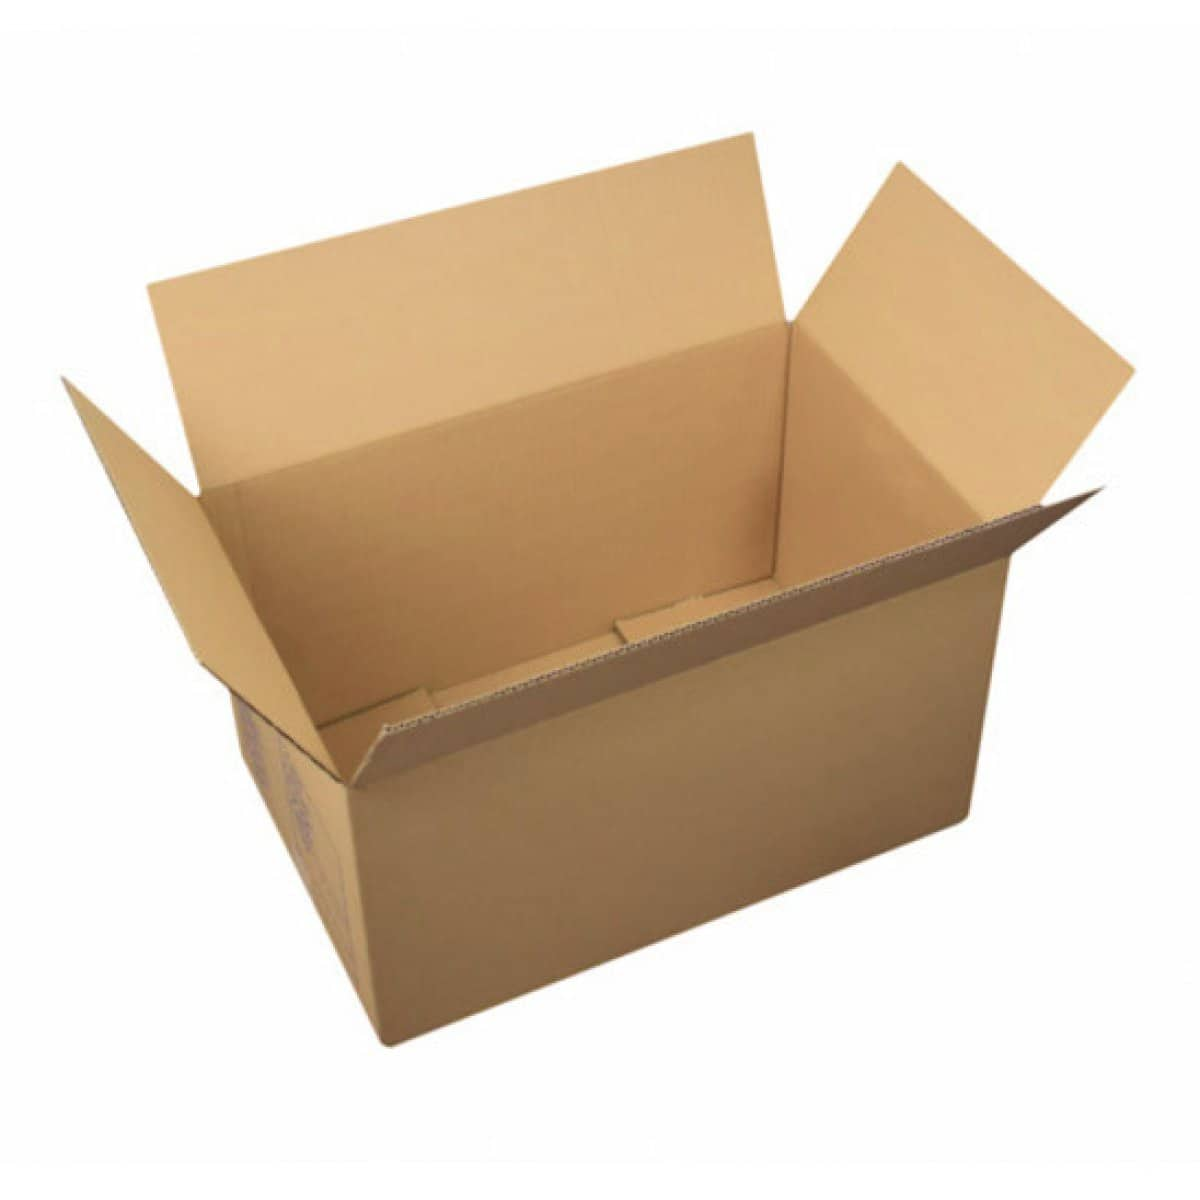 Déménagement : Pourquoi il est nécessaire de l'organiser ?